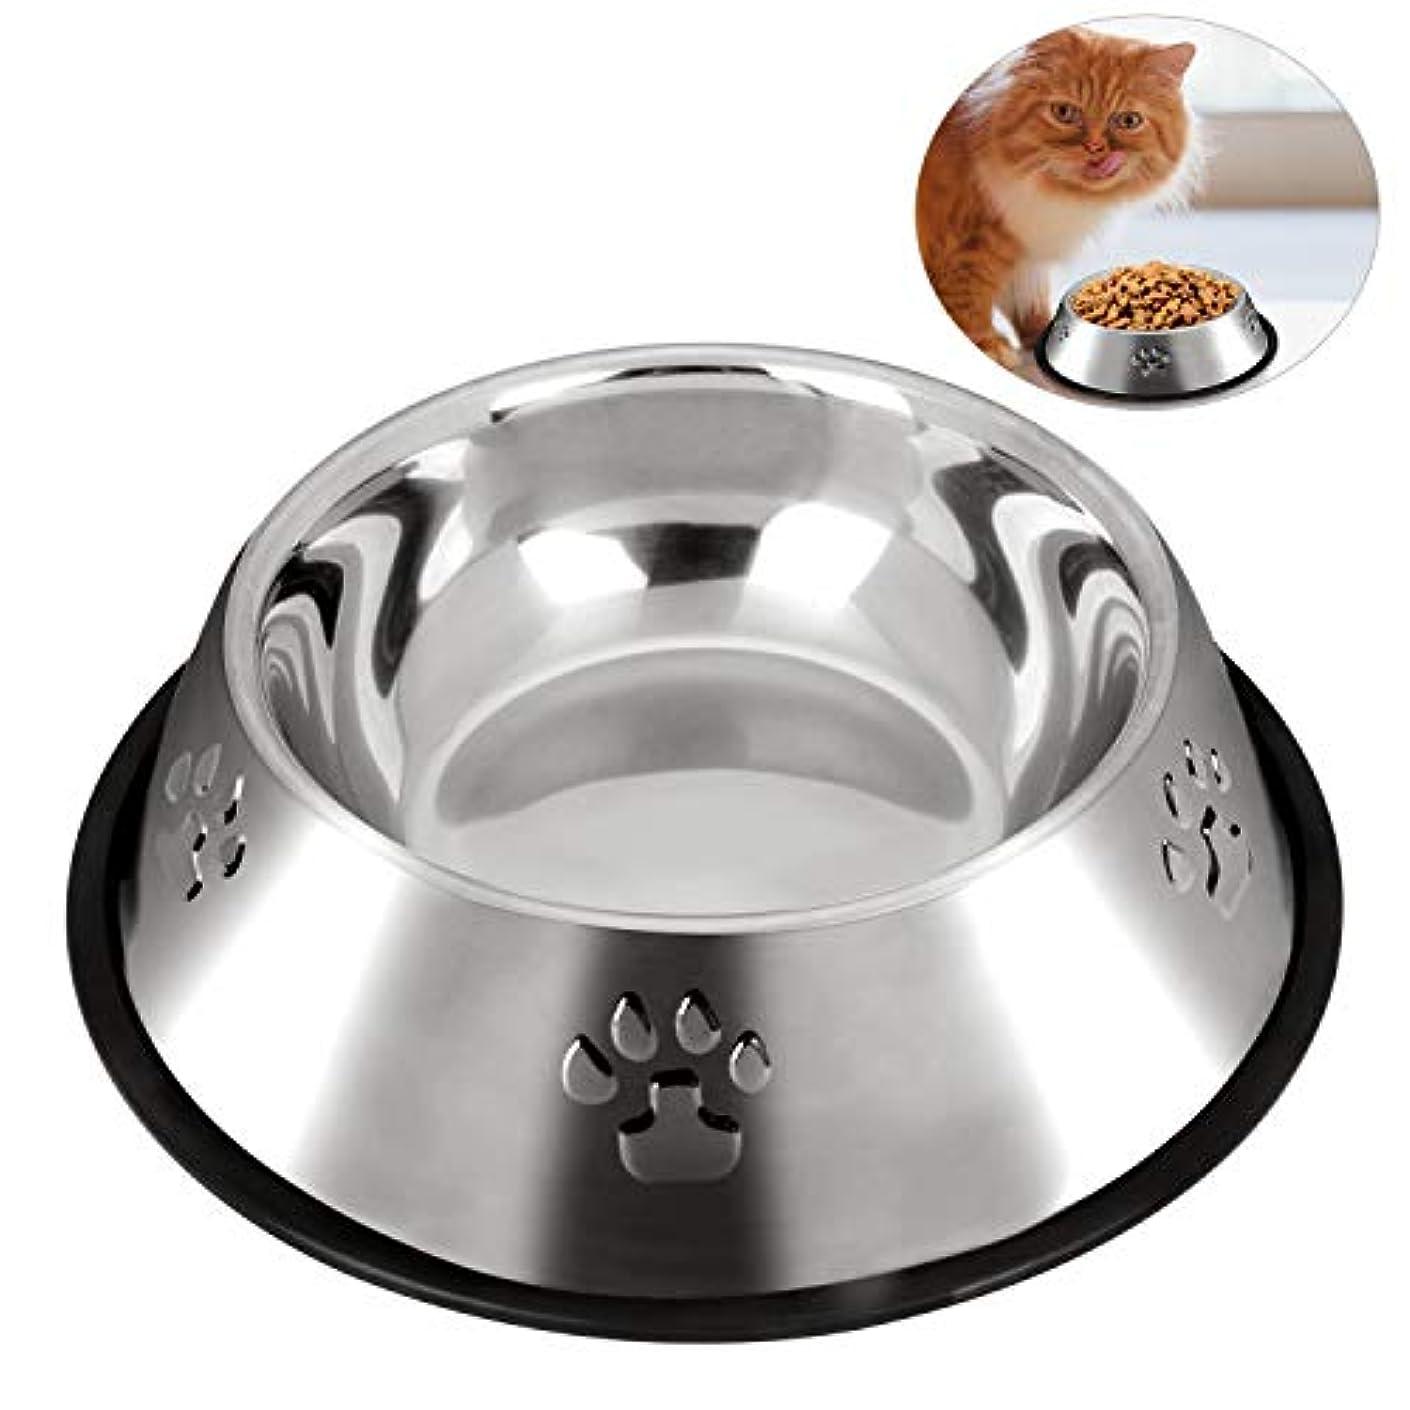 Legendog ペットボウル ペット用皿 餌入れ 犬 猫食器 転倒防止 ステンレス ペット食器 フィーダーボウル ペット用品 清潔便利